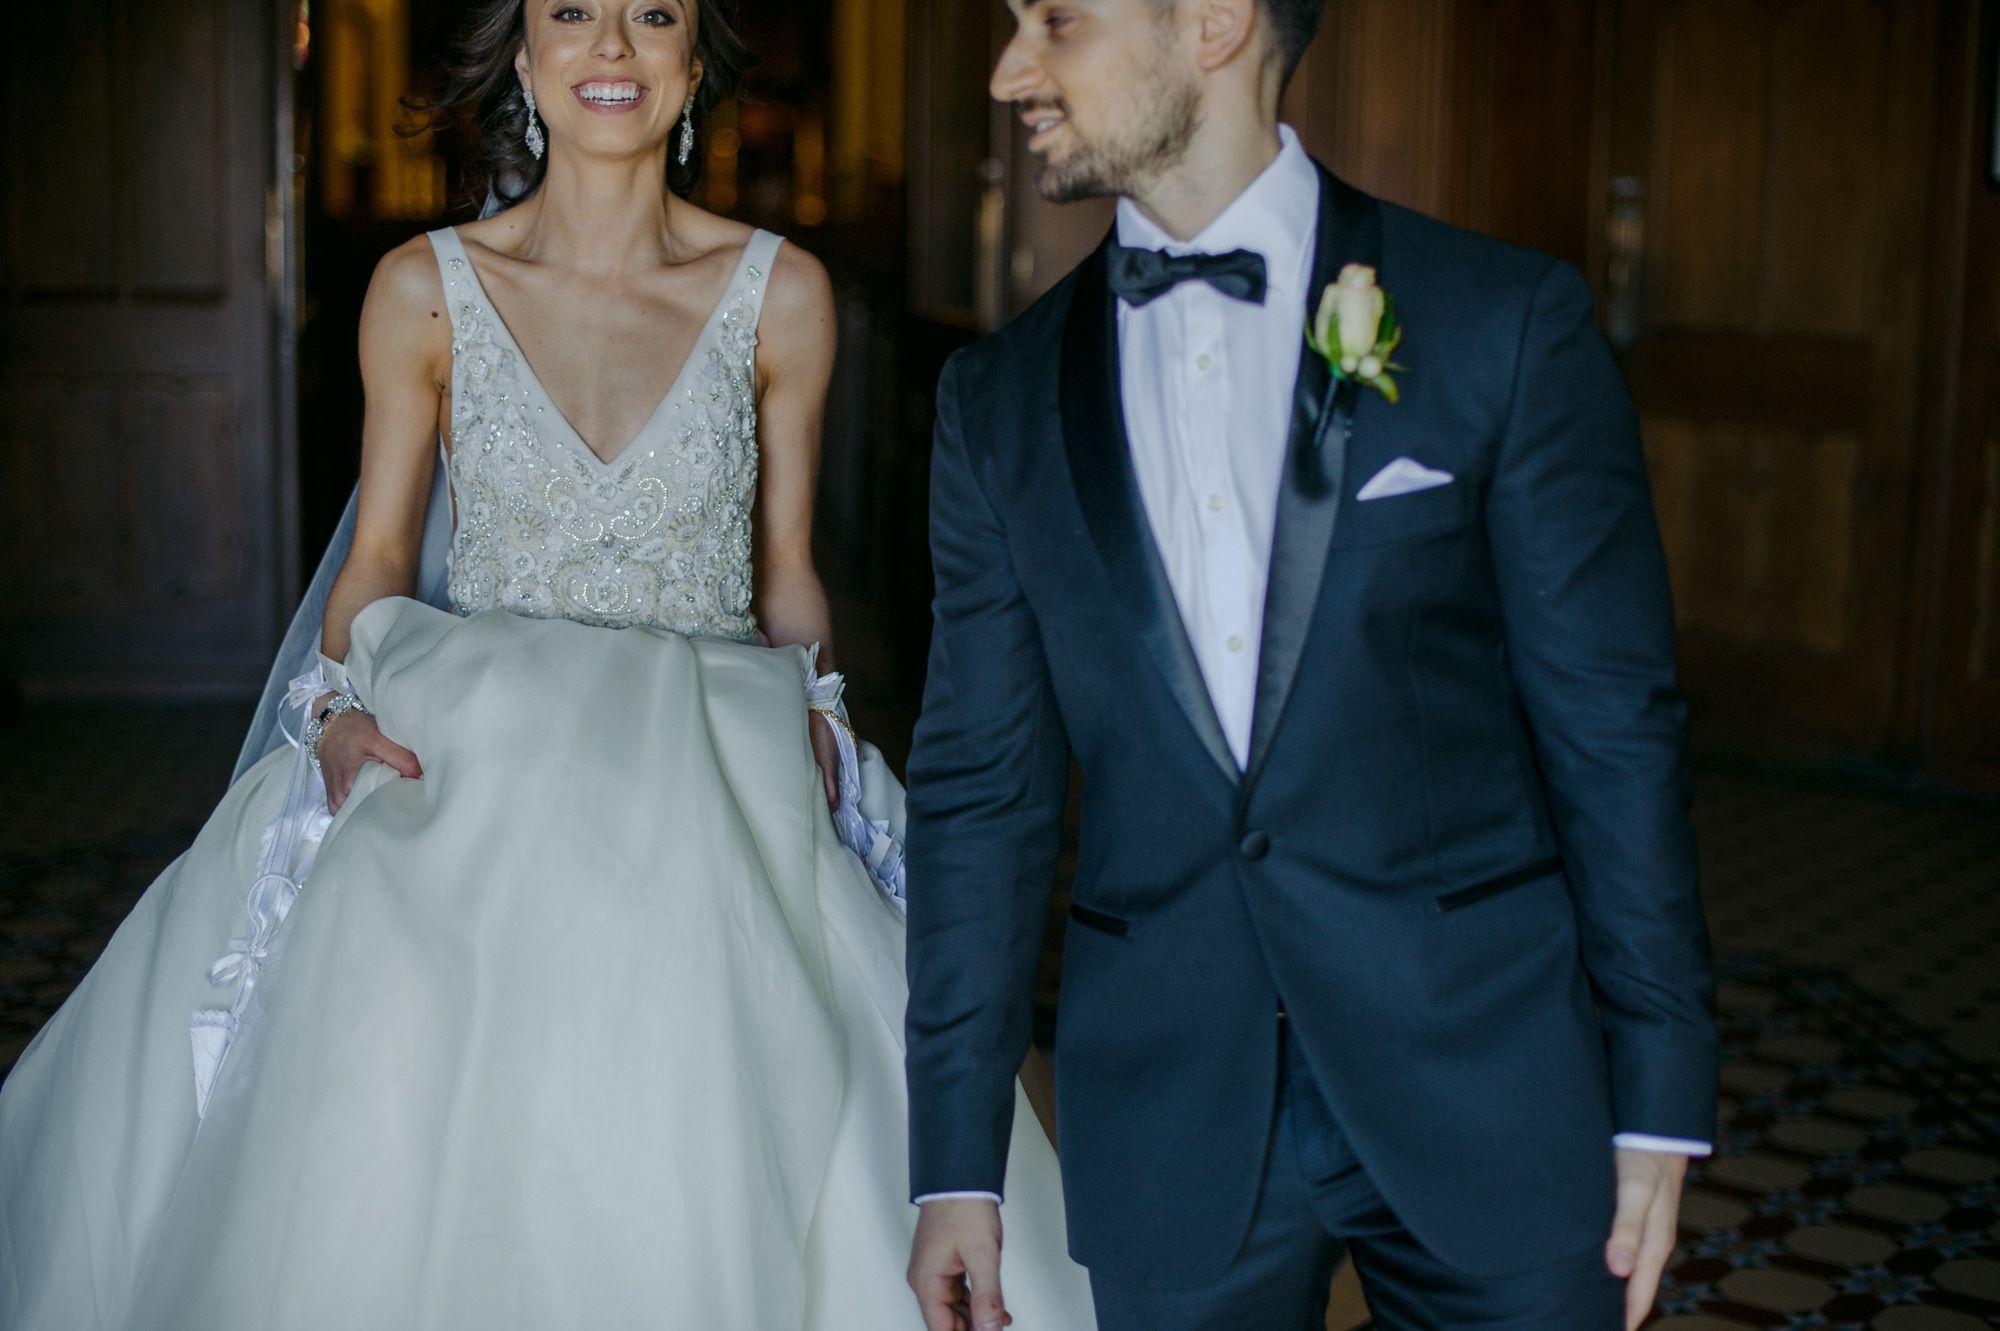 v neck wedding dress.jpg